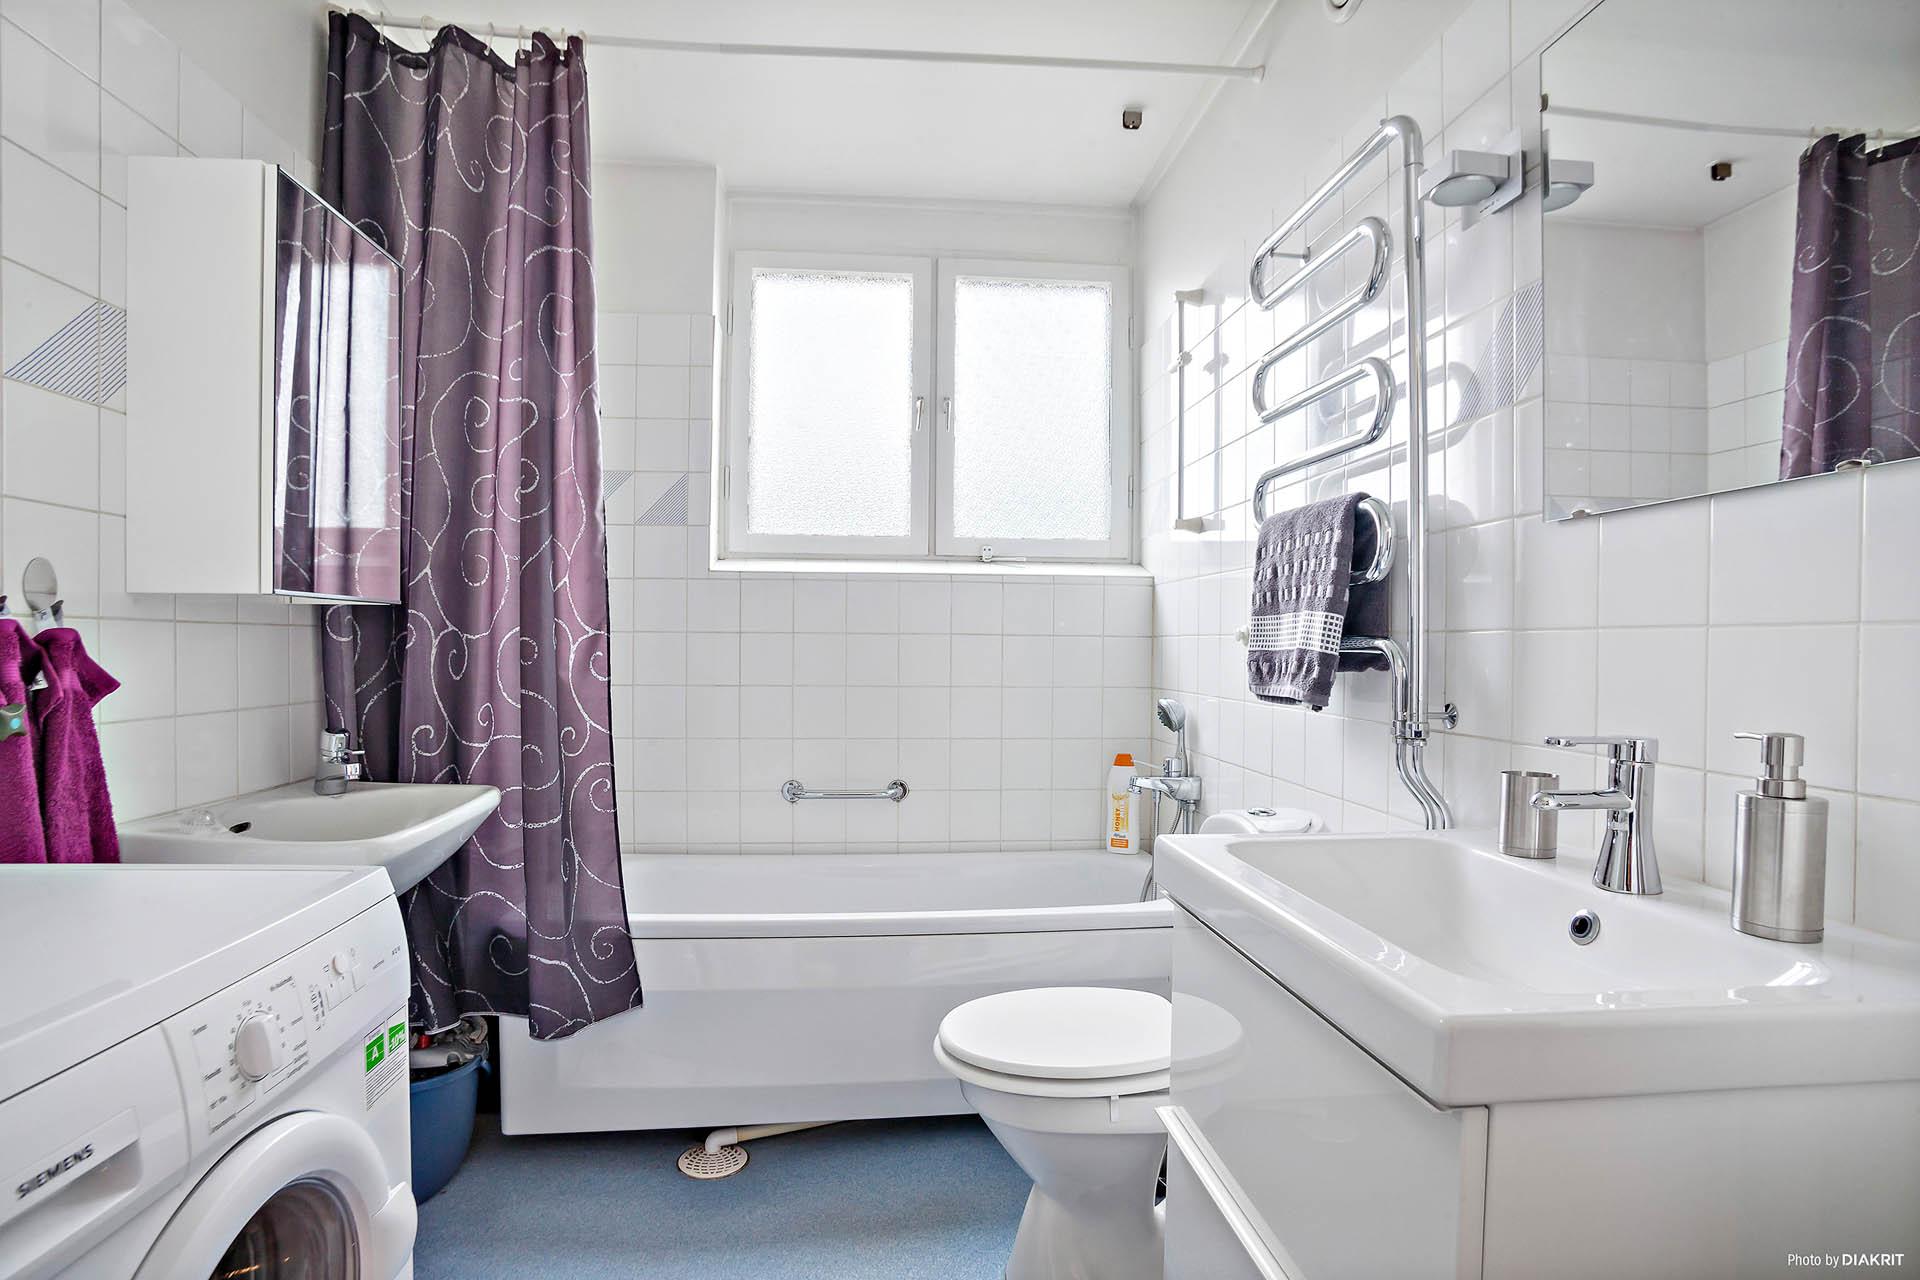 Badrum utrustat med torkskåp, tvättmaskin, dubbla handfat och badkar.